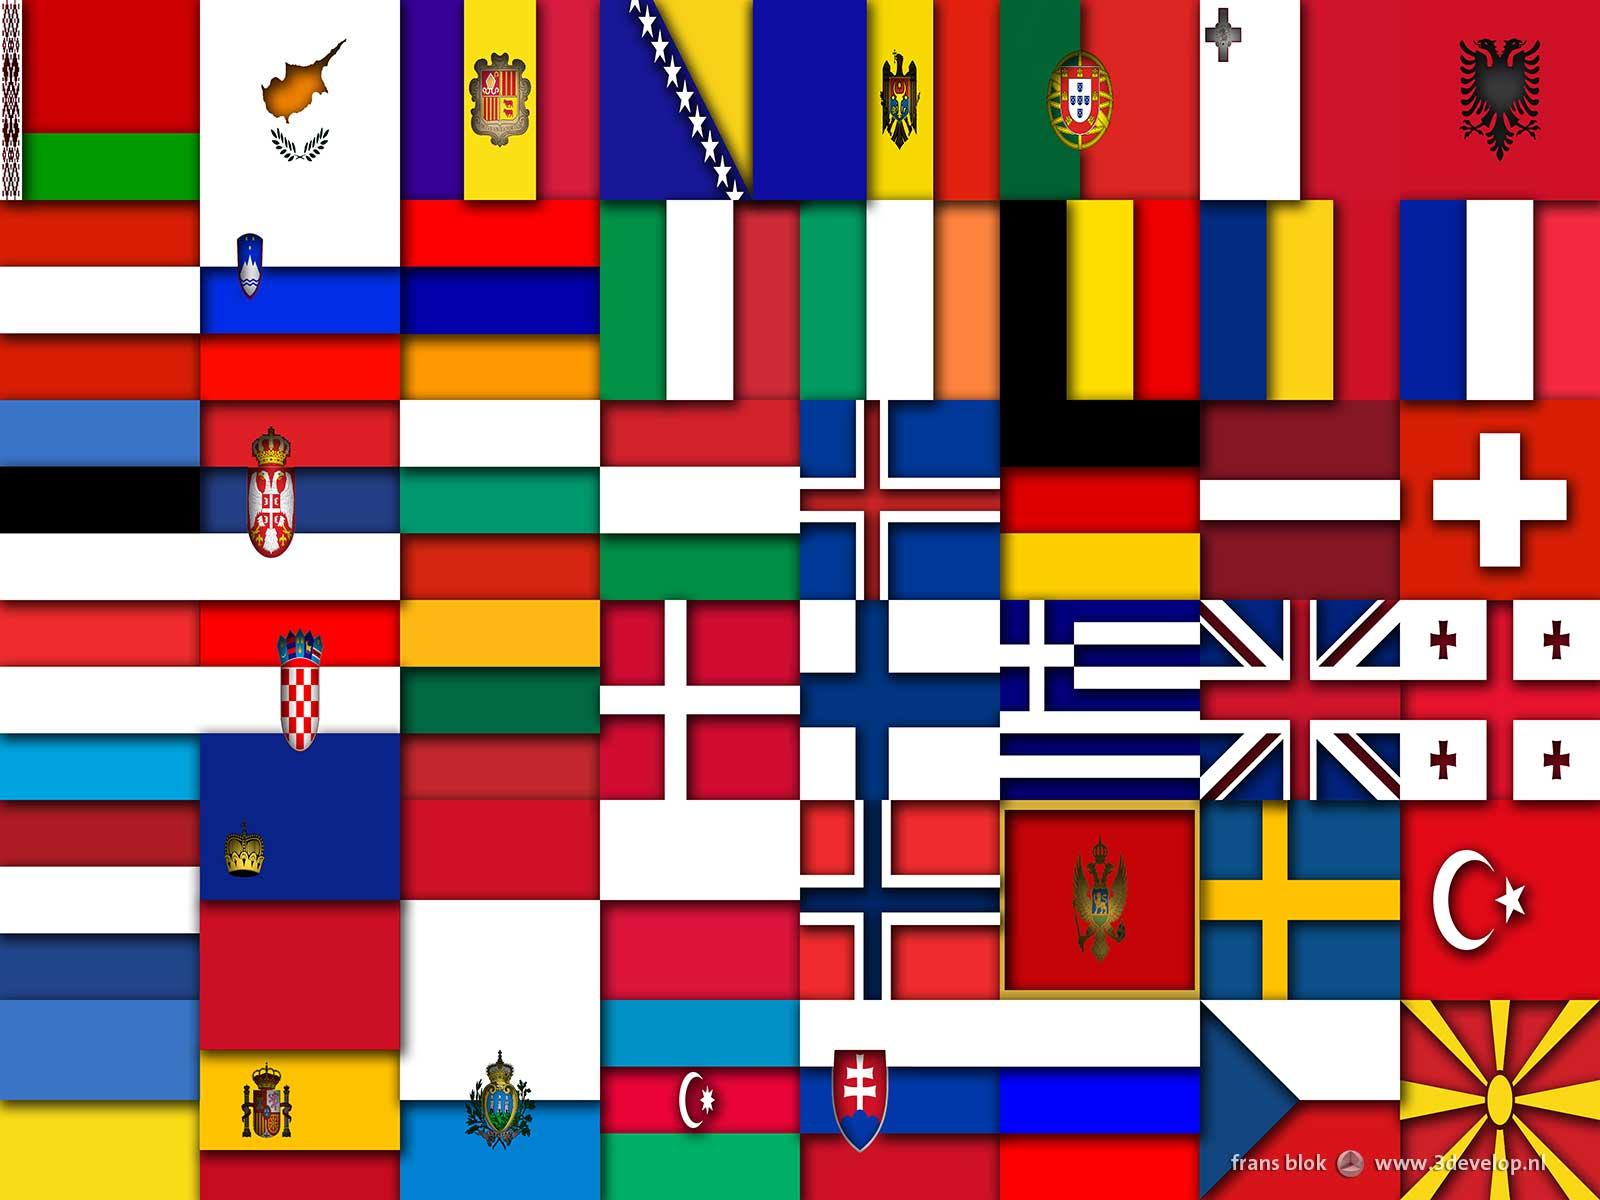 Virtueel reliëf van een compositie van 48 vlaggen van landen in Europa